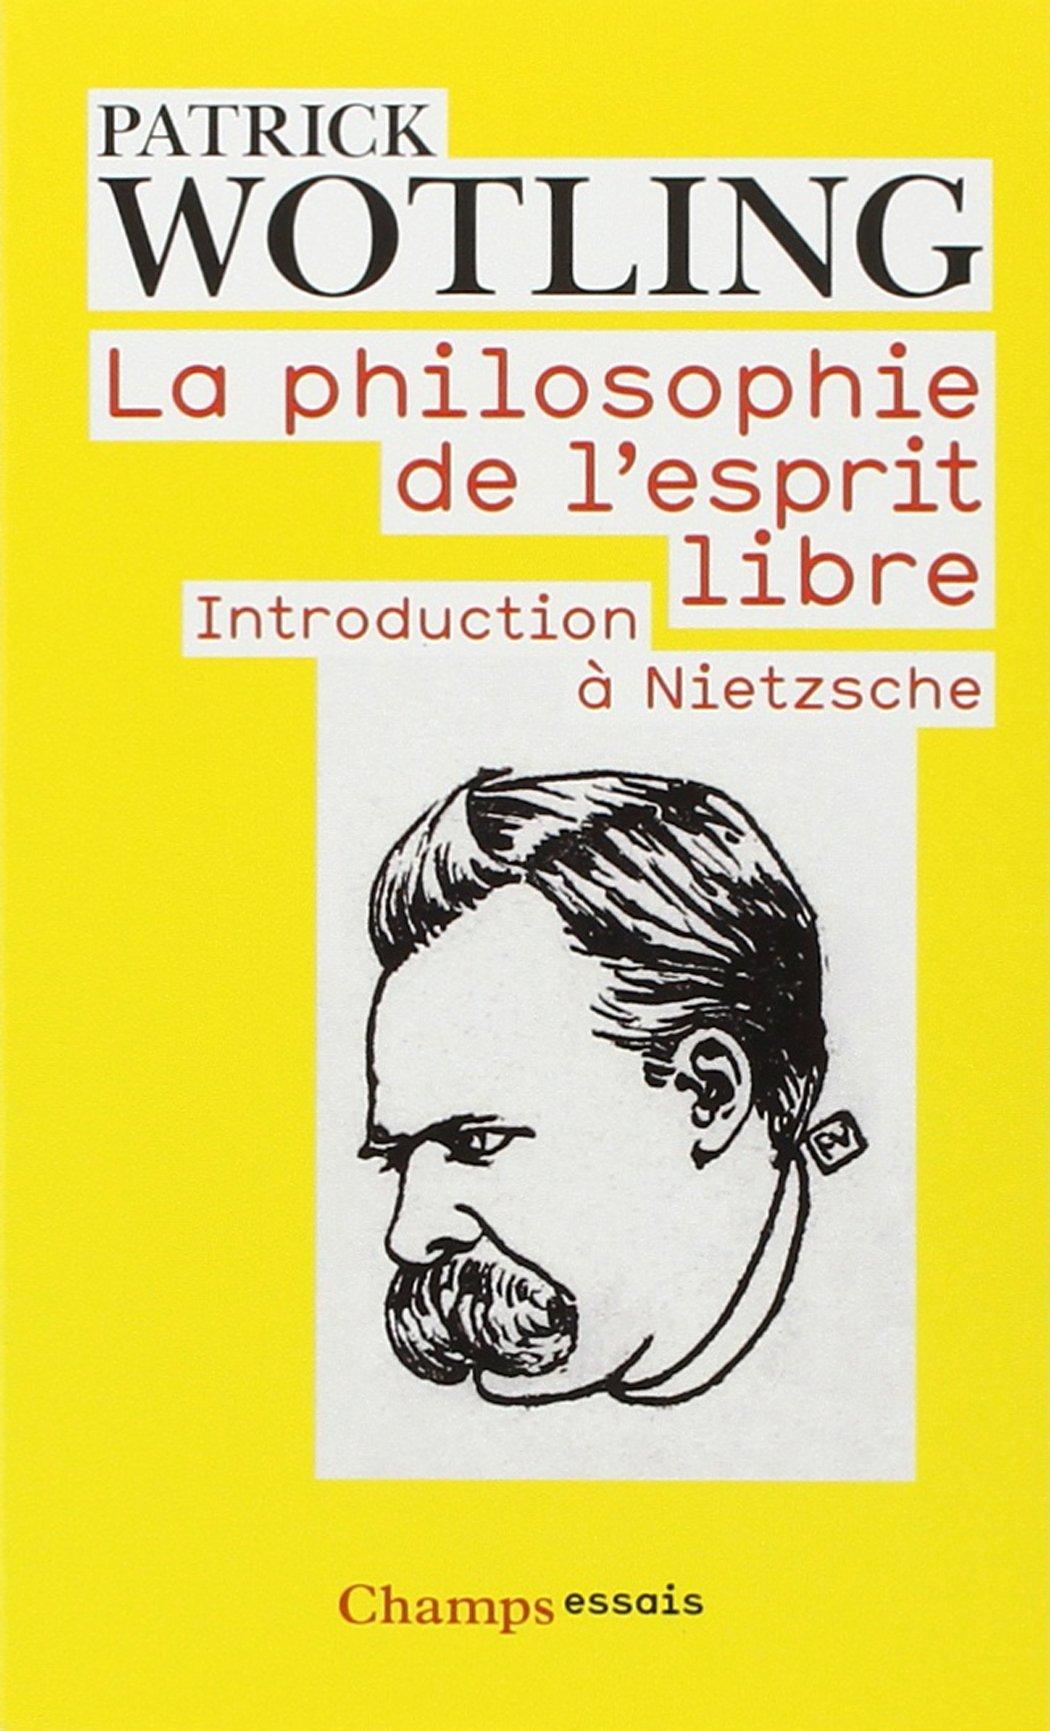 La philosophie de l'esprit libre : Introduction à Nietzsche Poche – 13 octobre 2008 Patrick Wotling Editions Flammarion 2081218089 French